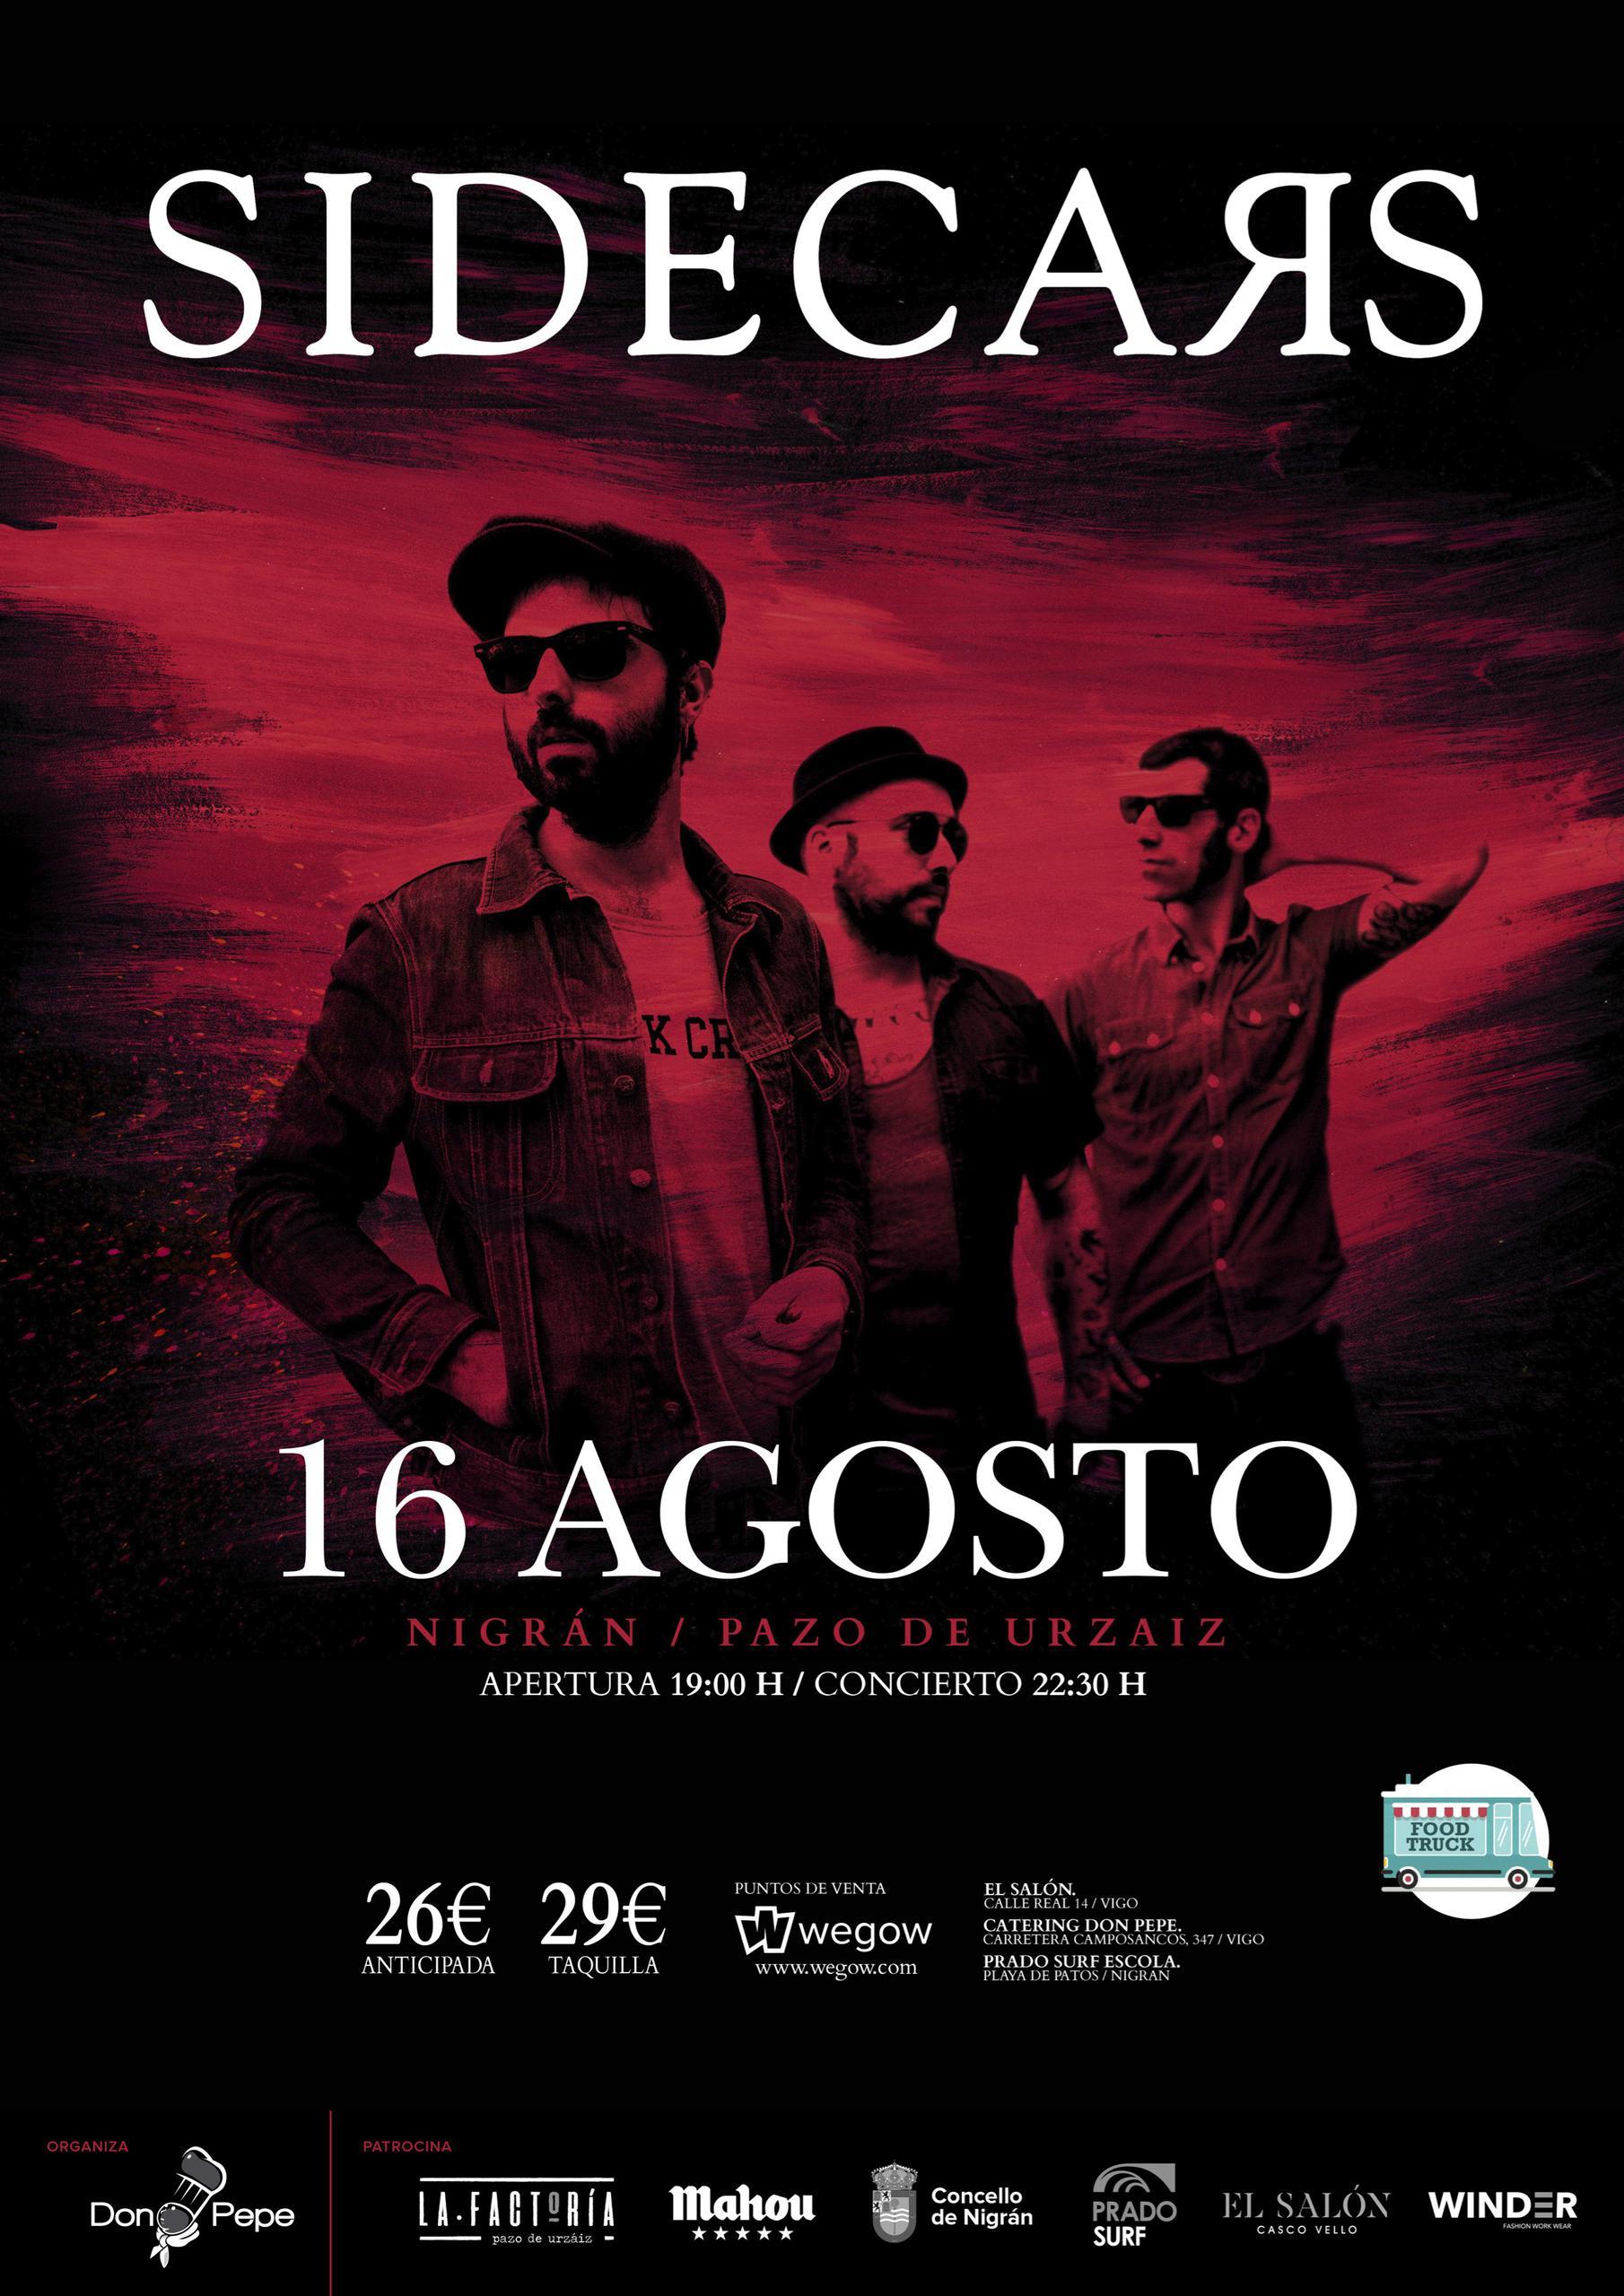 Cartel concierto SIDECARS en el Pazo de Urzáiz